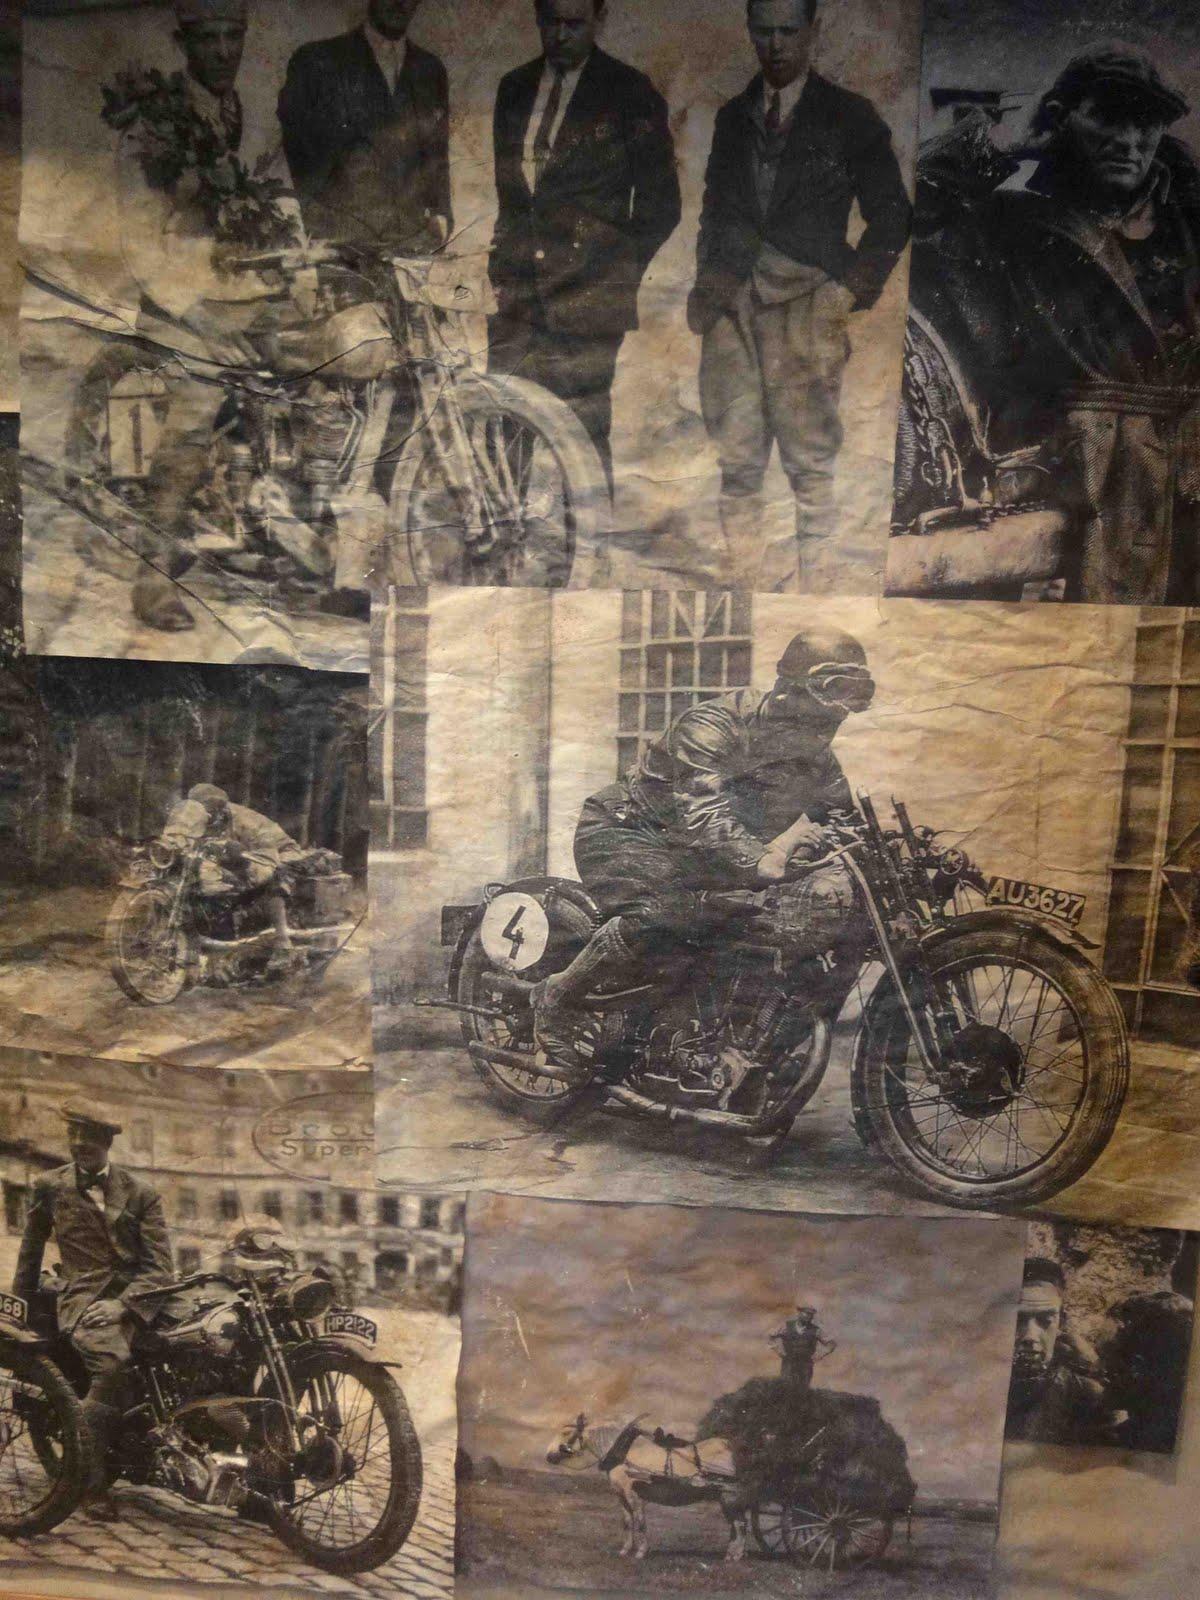 http://2.bp.blogspot.com/-IZWjxlOe8qw/TlV2iB8UARI/AAAAAAAAPR8/QtoUf9iJ8fY/s1600/wallpaper.jpg